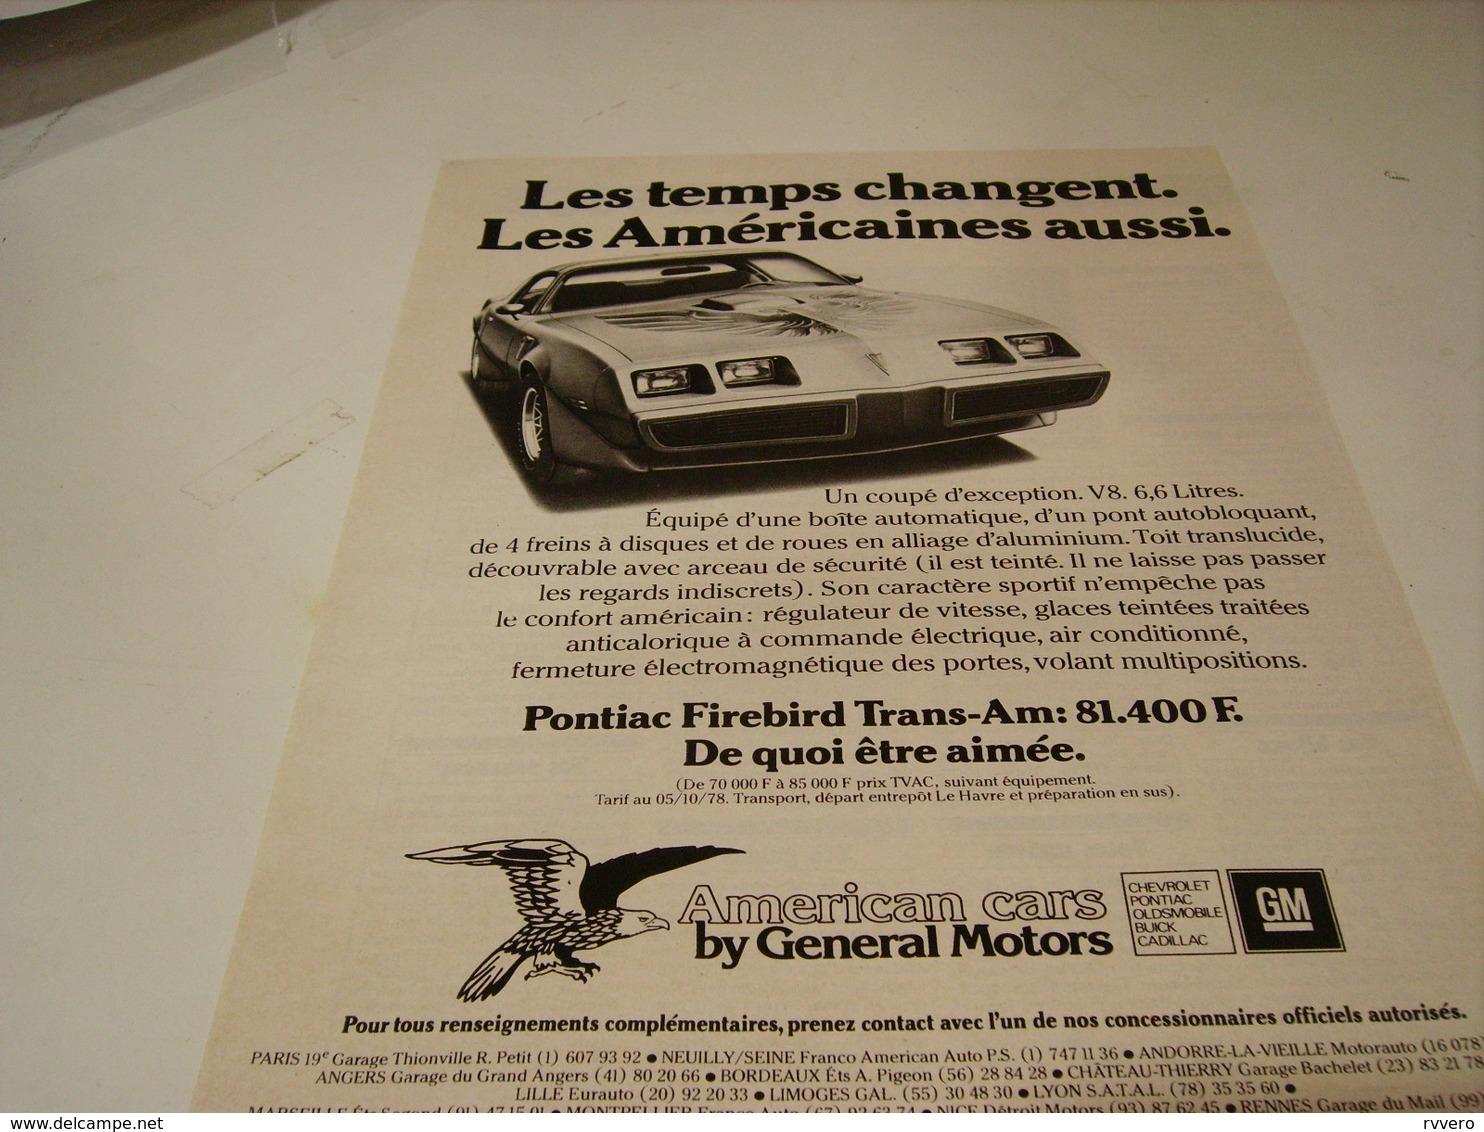 ANCIENNE PUBLICITE VOITURE AMERICAN CAR DE GENERAL MOTORS PONTIAC 1979 - Publicités